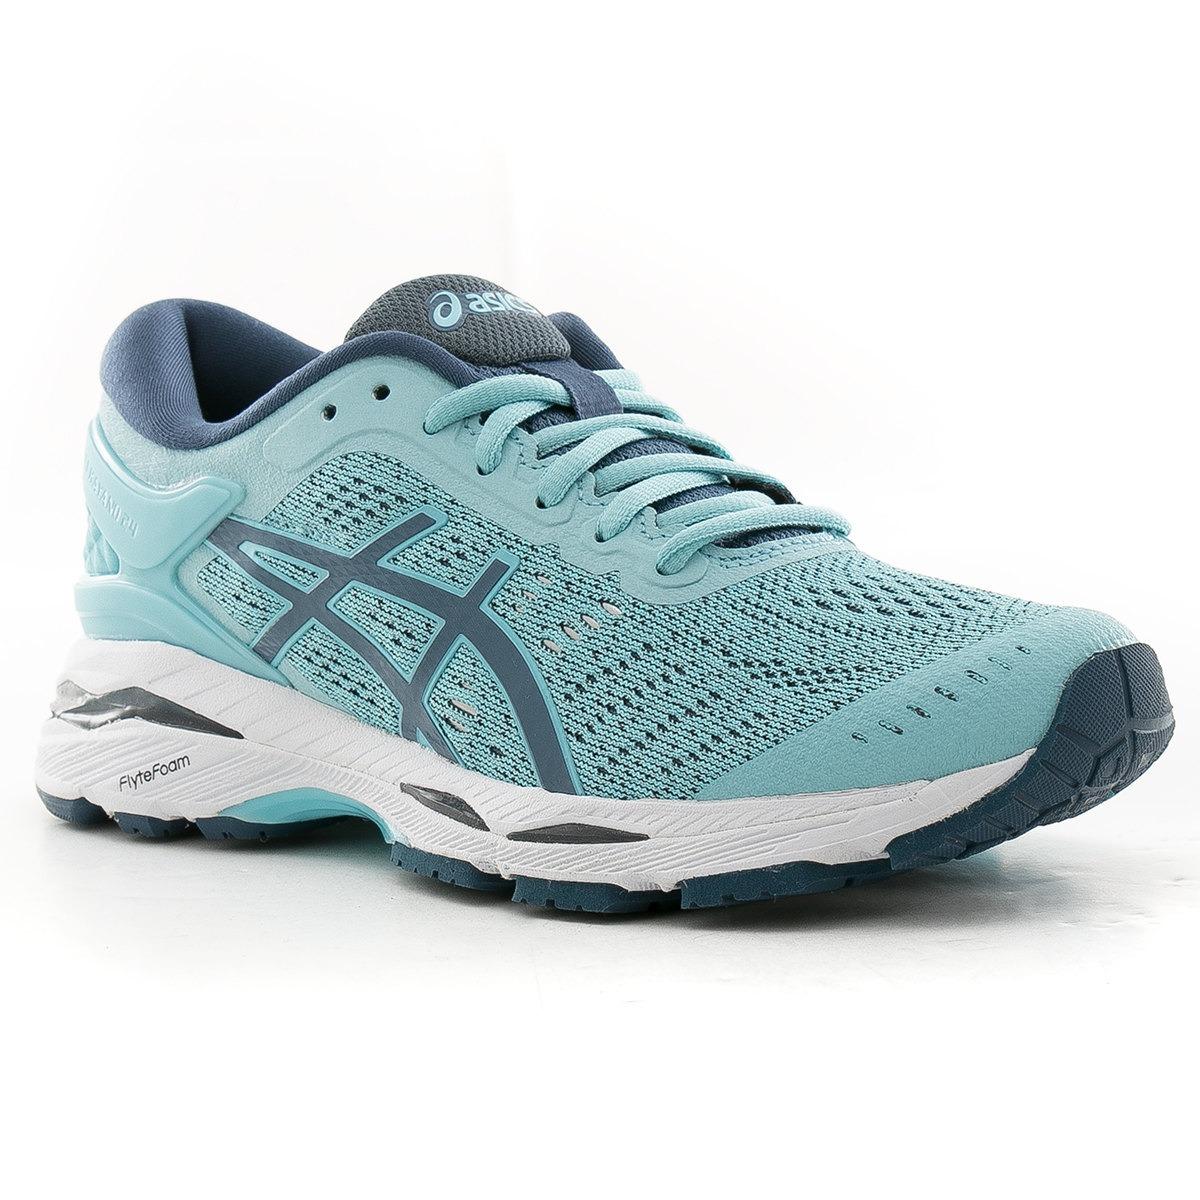 42564085771 zapatillas gel-kayano 24 asics team sport tienda oficial. Cargando zoom.